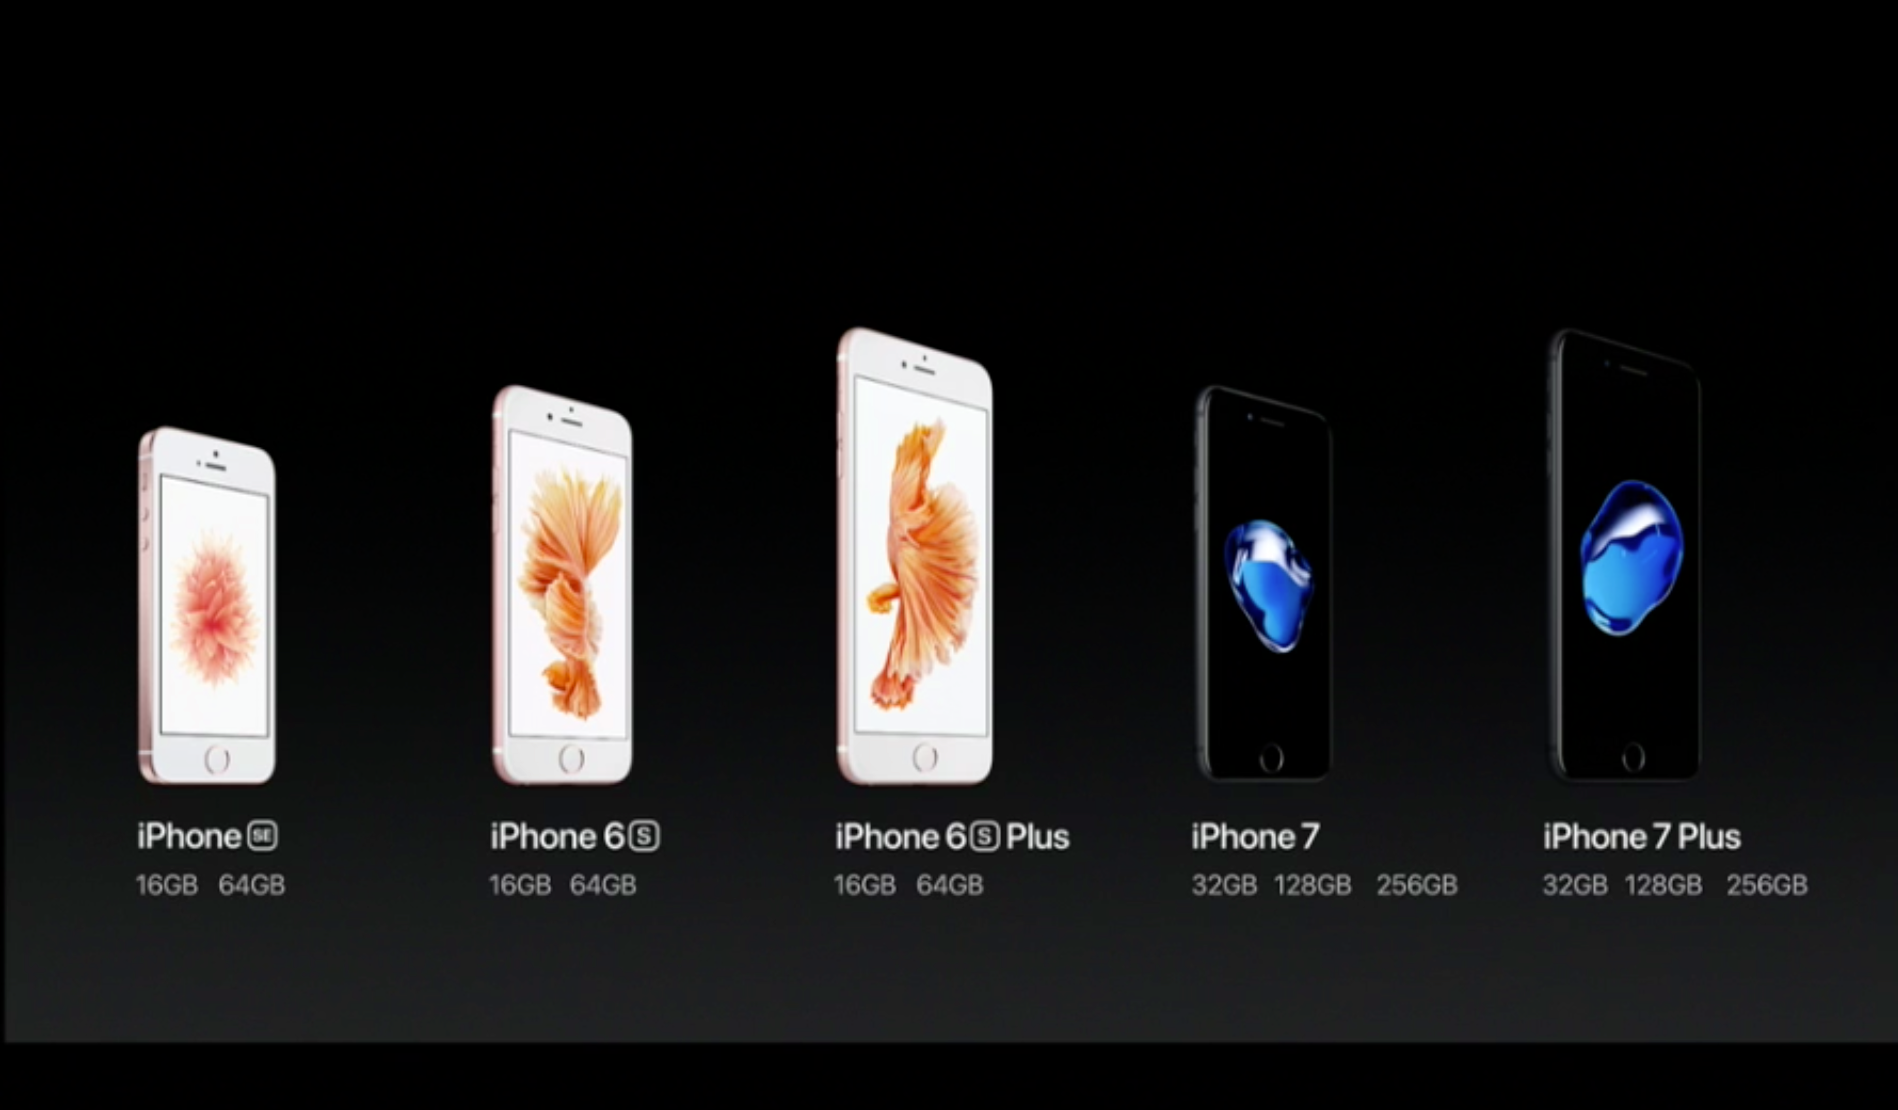 4 năm chày cối dùng iPhone 6S Plus:Đủ tốt để tôi tiếp tục sử dụng cho đến khi nó hỏng không sửa nổi mới thôi - Ảnh 4.